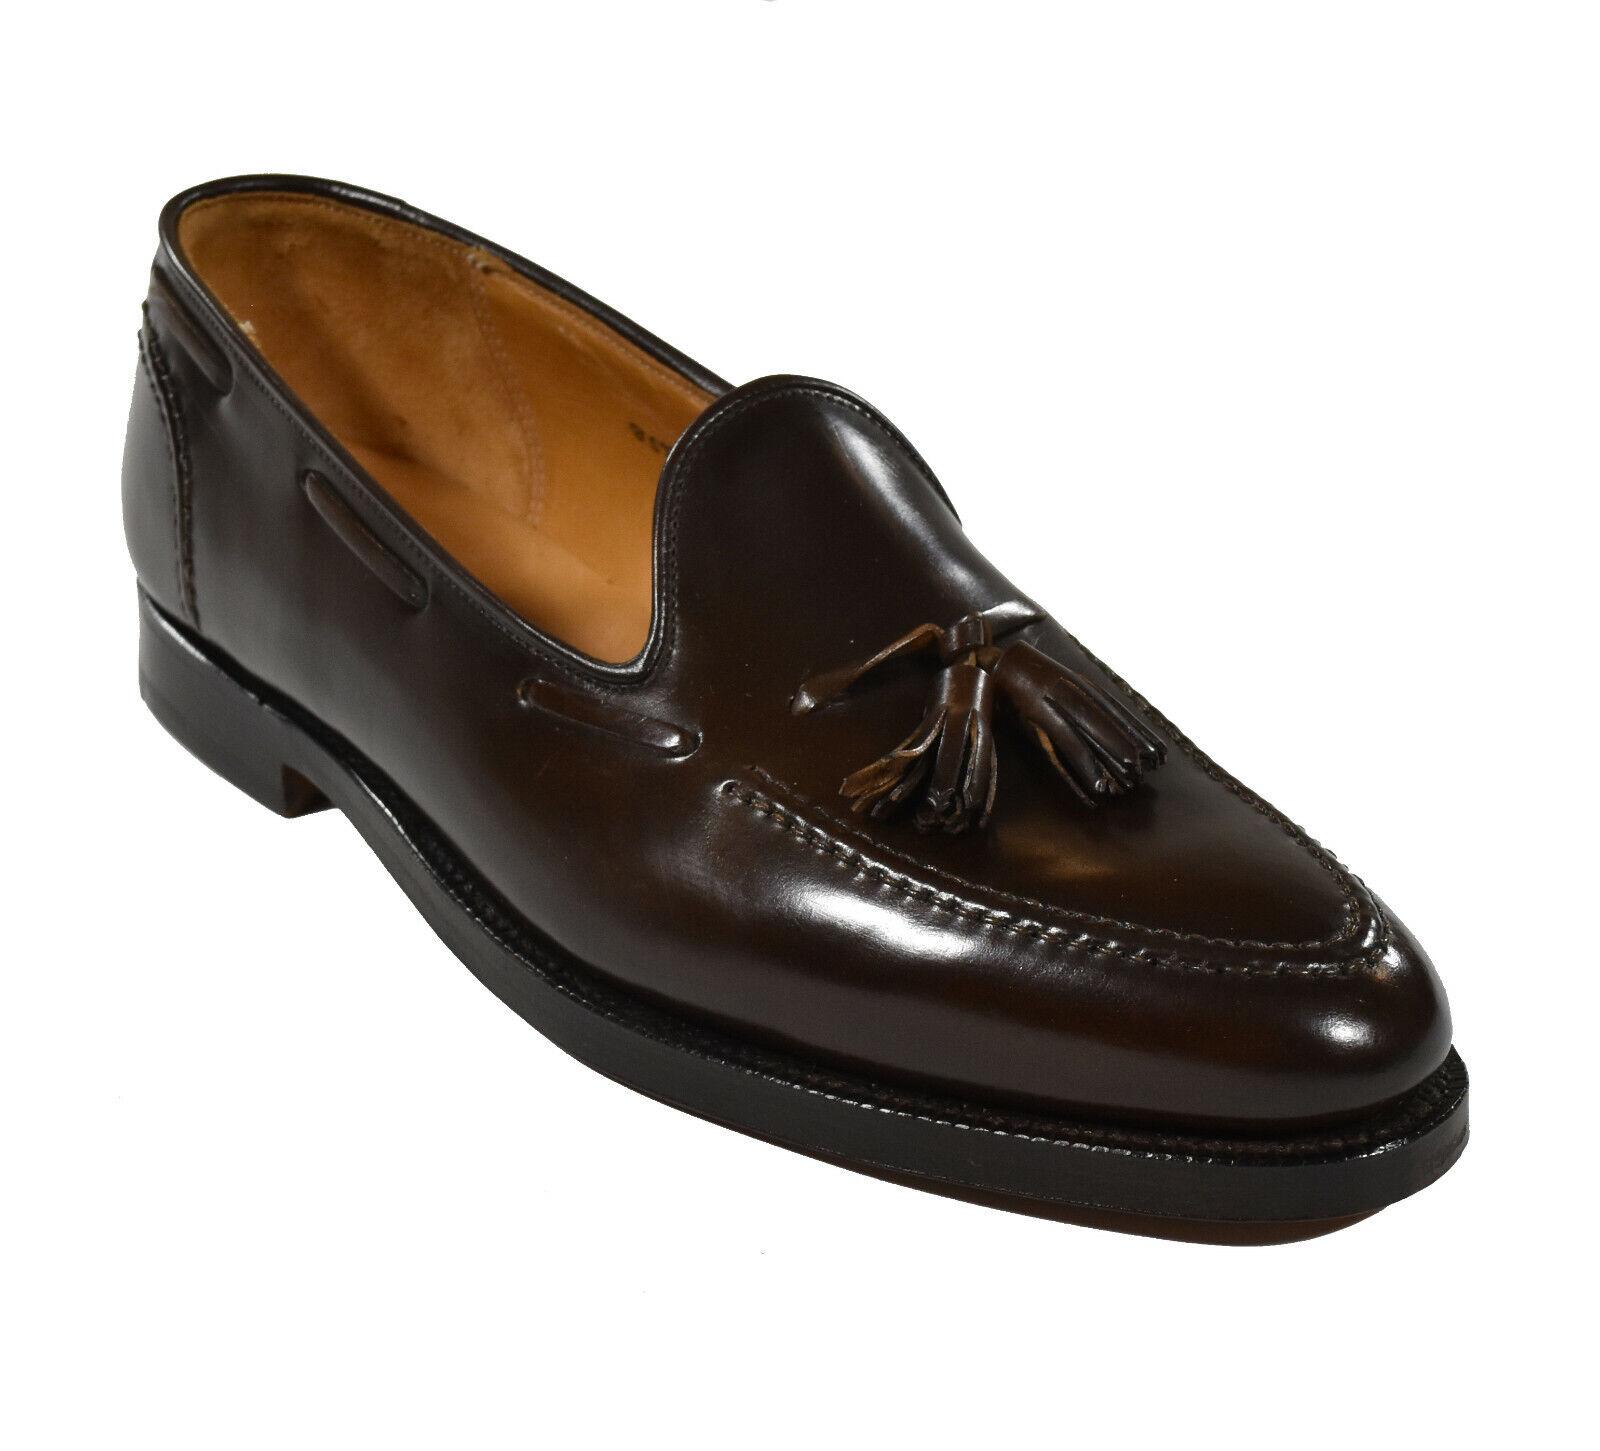 Ralph Lauren Crockett & Jones Brown Marlow Cordovan Tassel Loafers 12 New